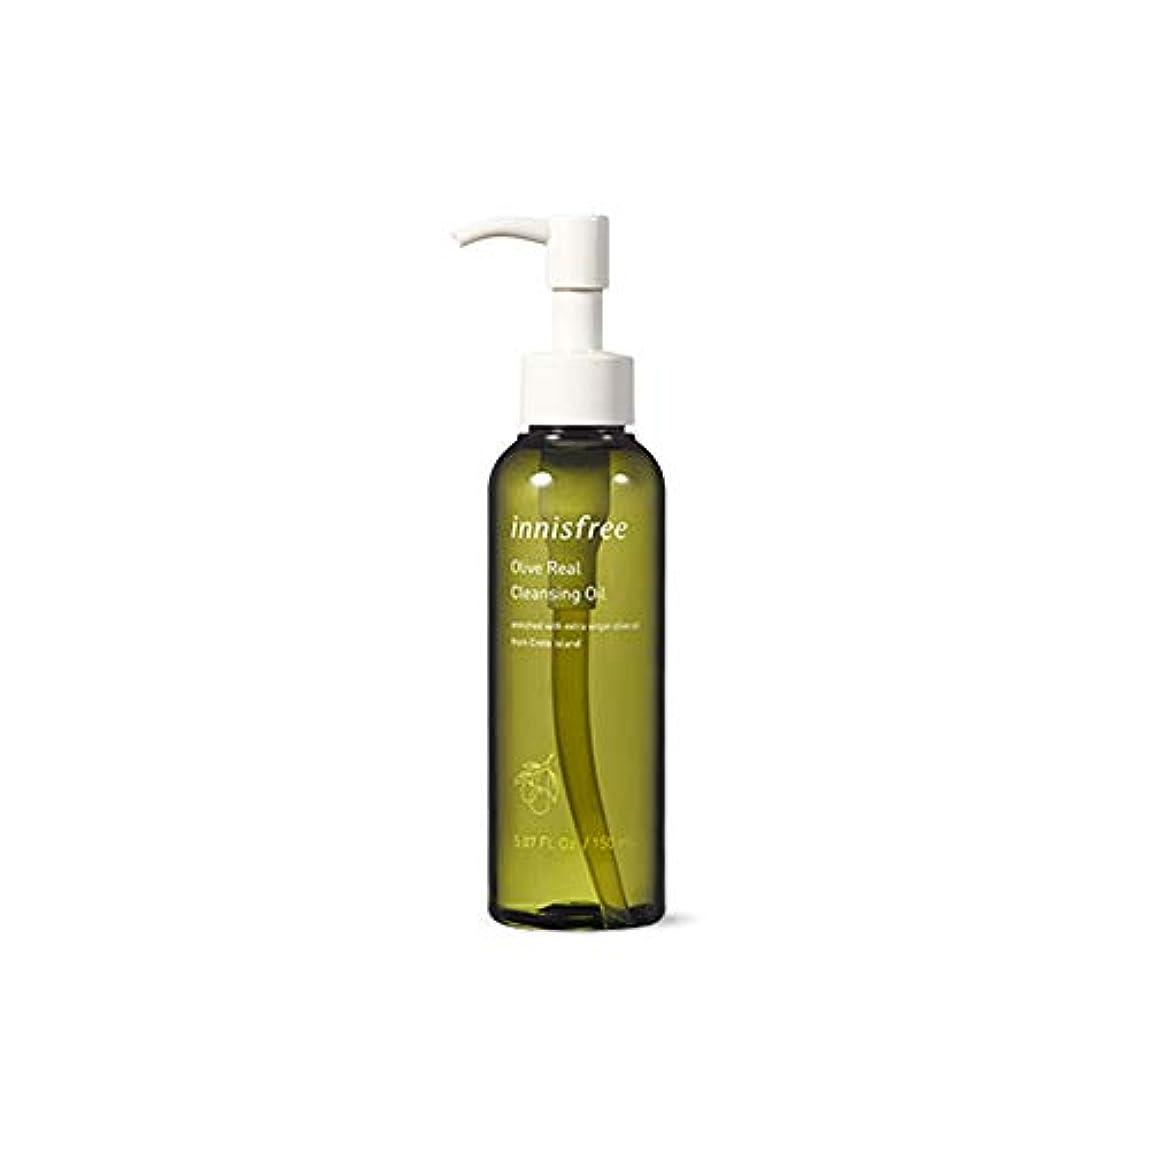 パーツ高度な比喩イニスフリー Innisfreeオリーブ リアル クレンジング オイル(150ml) Innisfree Olive Real Cleansing Oil(150ml) [海外直送品]